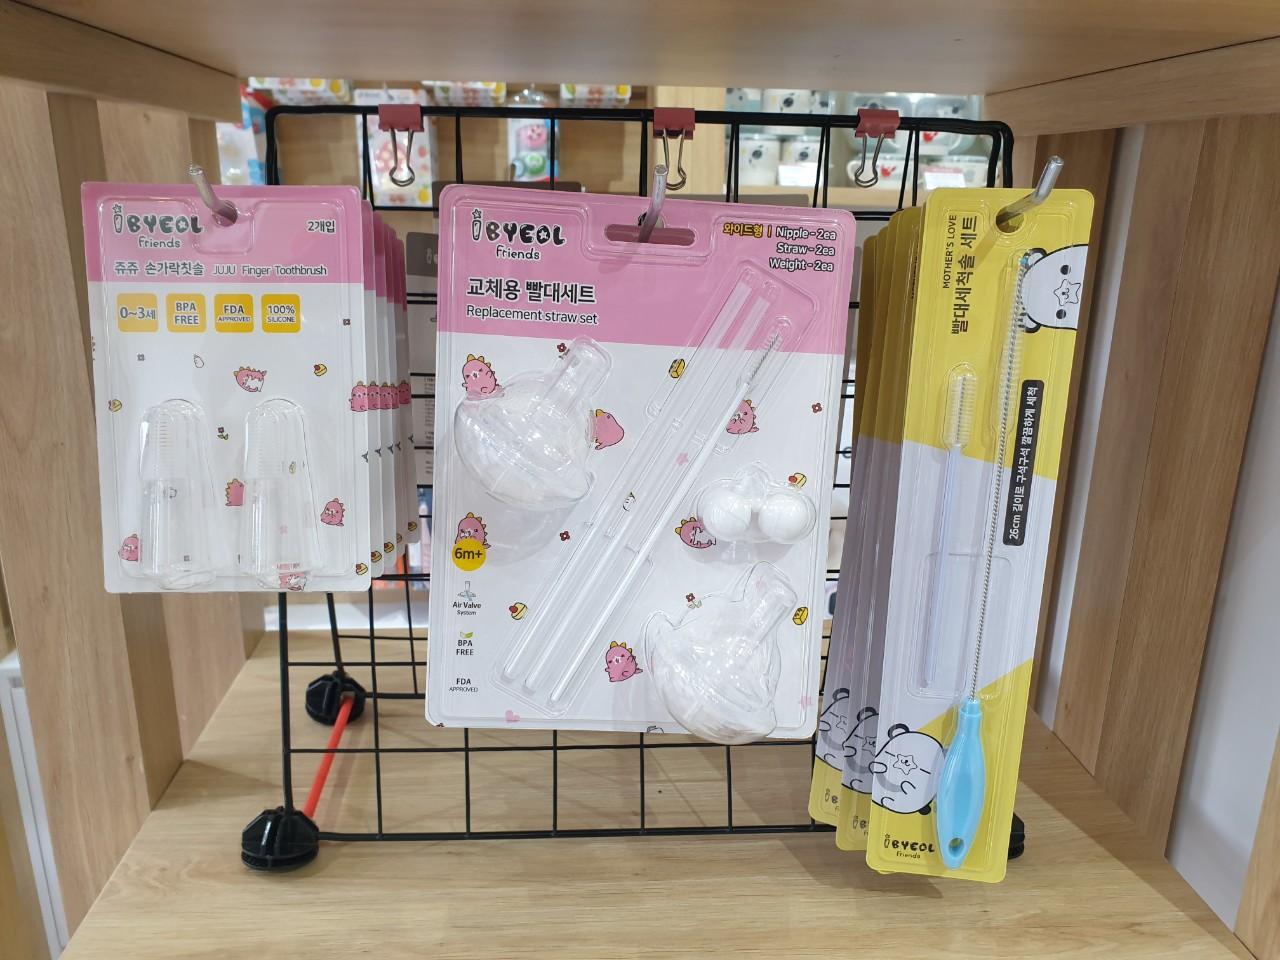 Bộ bàn chải ống hút núm ti bình sữa cho bé IBYEOL Friends Hàn Quốc 5